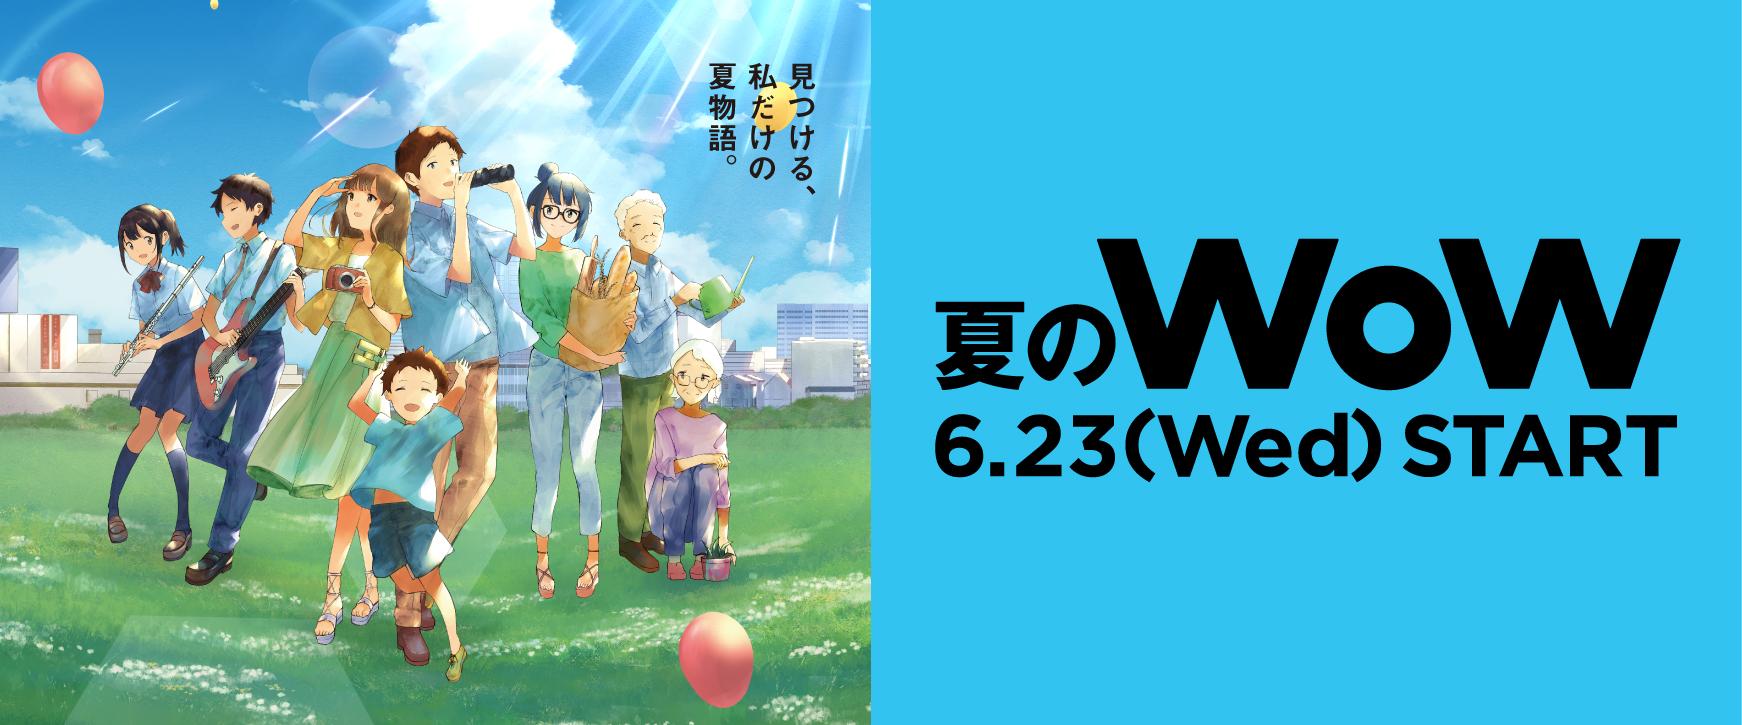 夏のWoWバナー